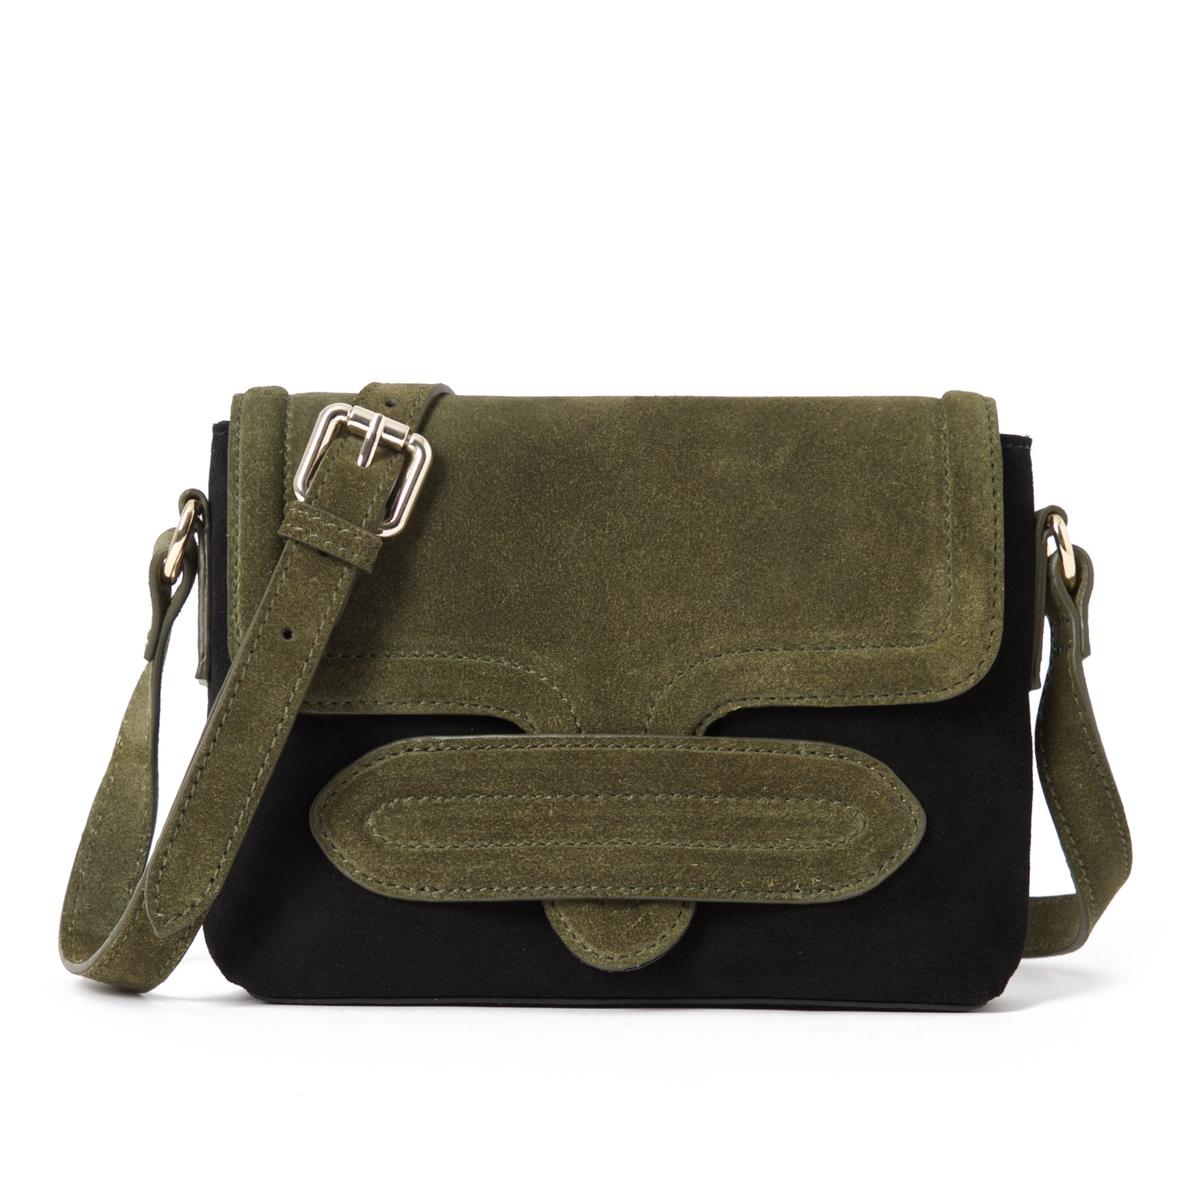 Клатч из невыделанной кожи, двухцветныйОписание:Очаровательная сумка-клатч из мягкой невыделанной кожи, стильный и оригинальный дизайн.Состав и описание : Материал : верх из невыделанной яловичной кожи             подкладка из текстиляРазмеры : L22XH17XP4 см Застежка : кнопка на магните 1 карман на молнииНесъемный регулируемый ремешок<br><br>Цвет: черный/ хаки<br>Размер: единый размер